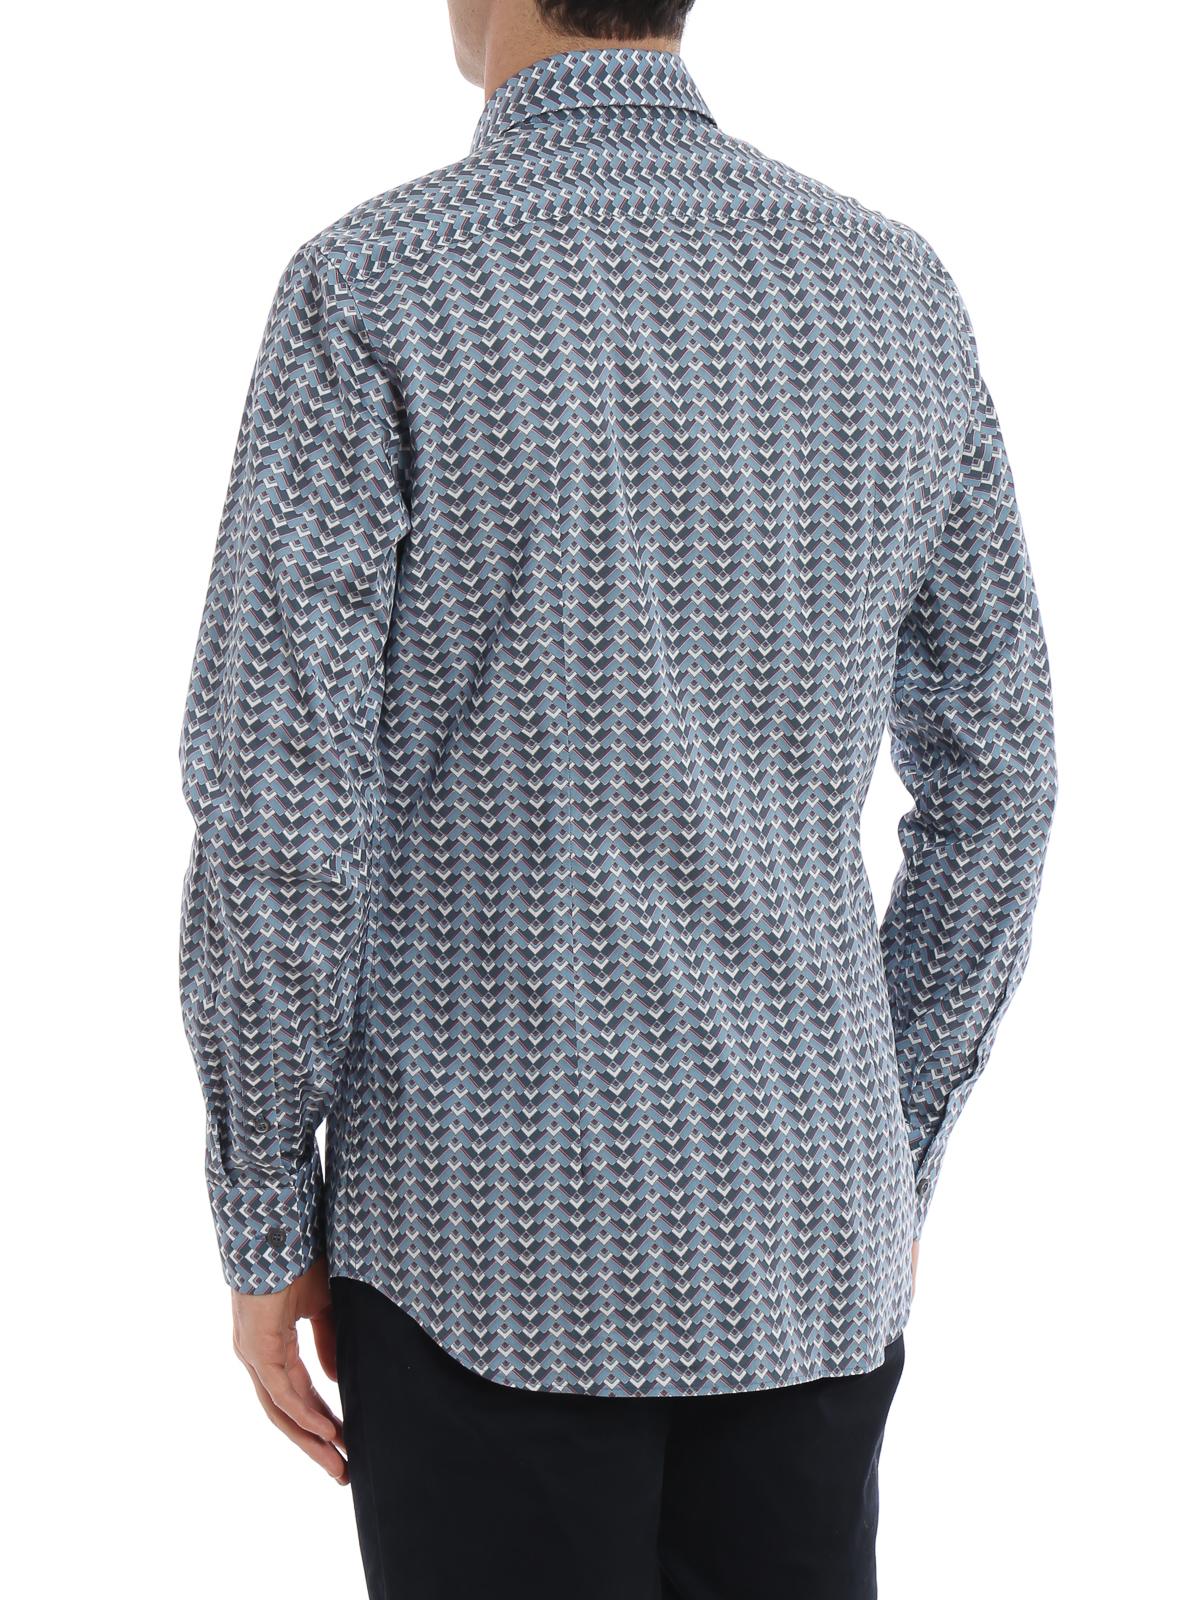 4967a4e876 Prada - Argyle print poplin shirt - shirts - UCM6081TC5D30   iKRIX.com